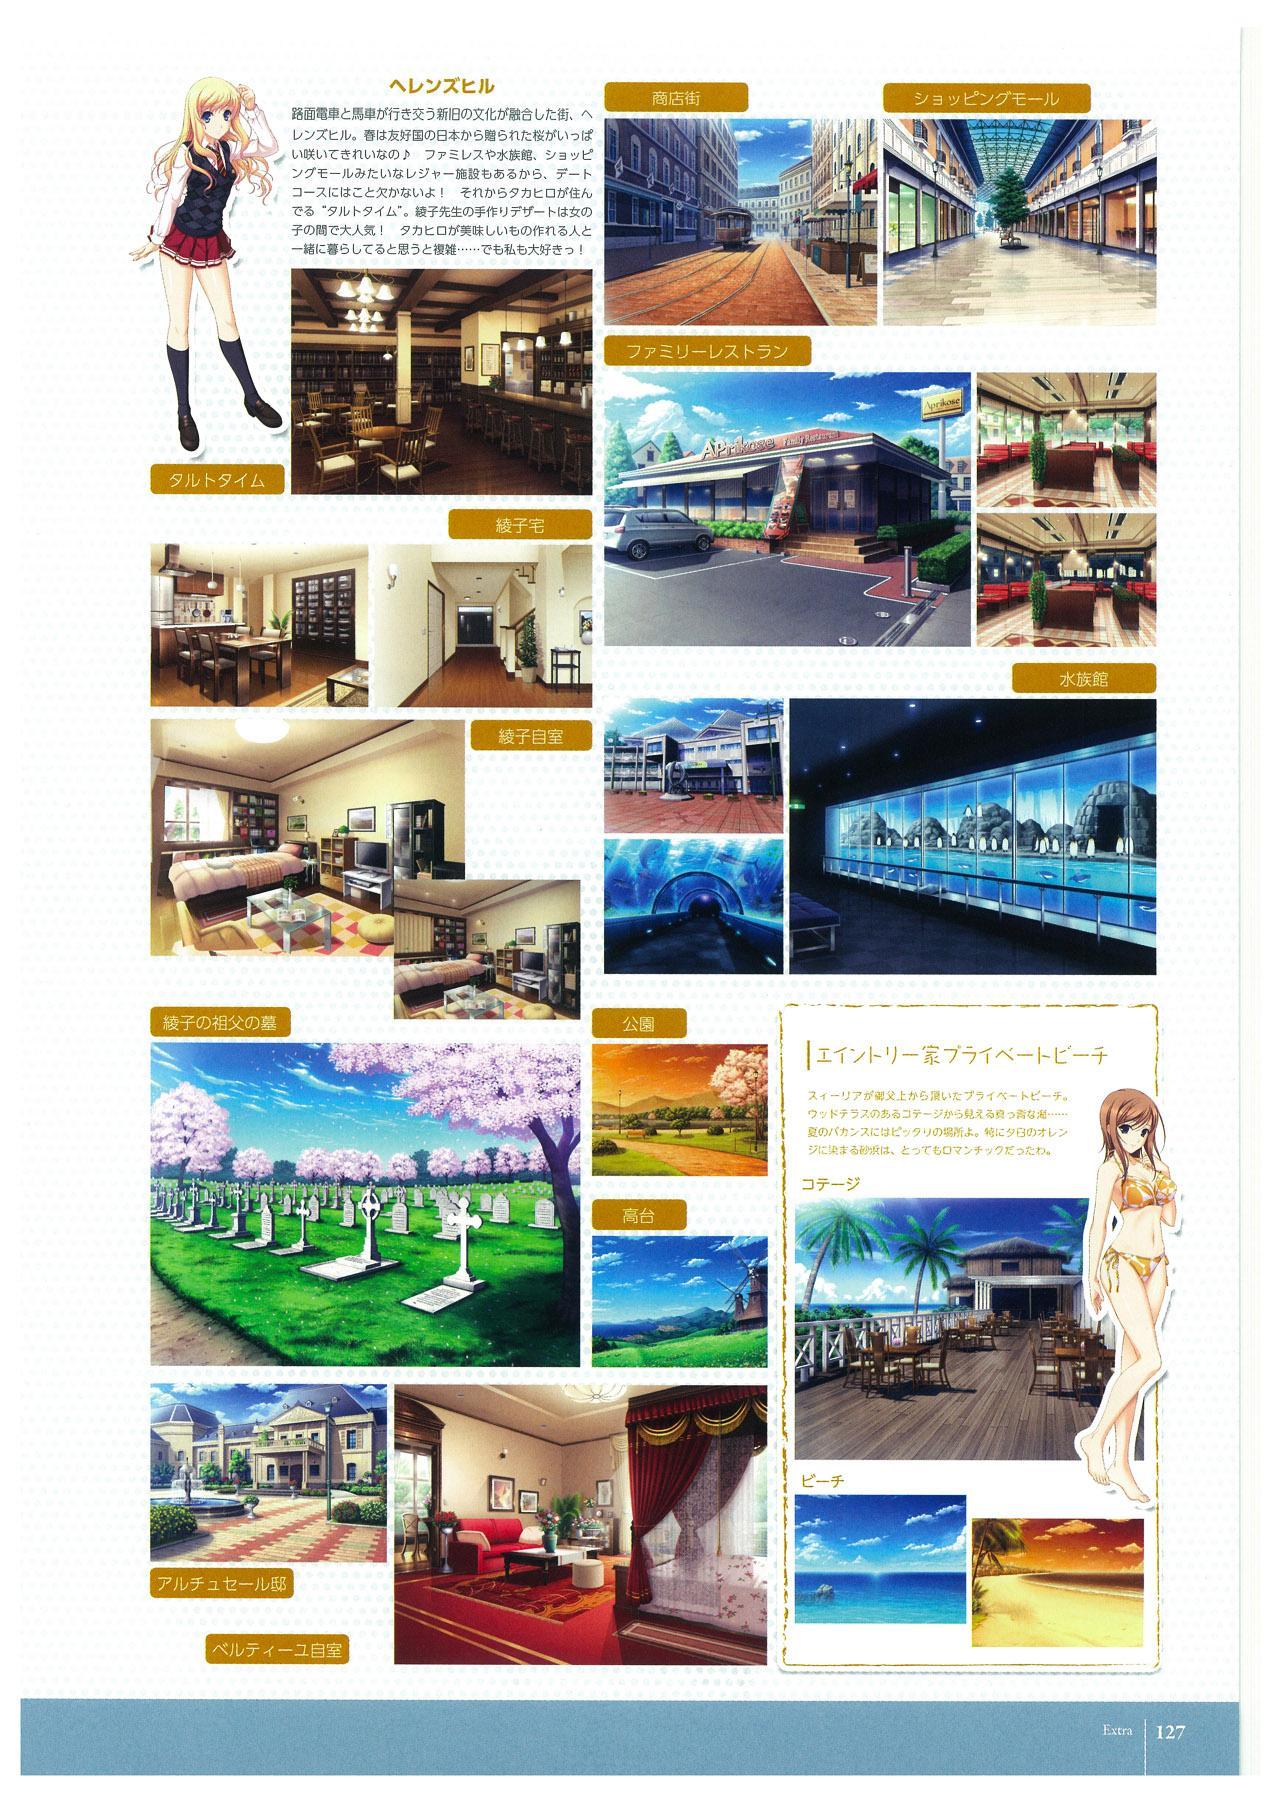 Walkure Romanze More & More Visual Fan Book 128